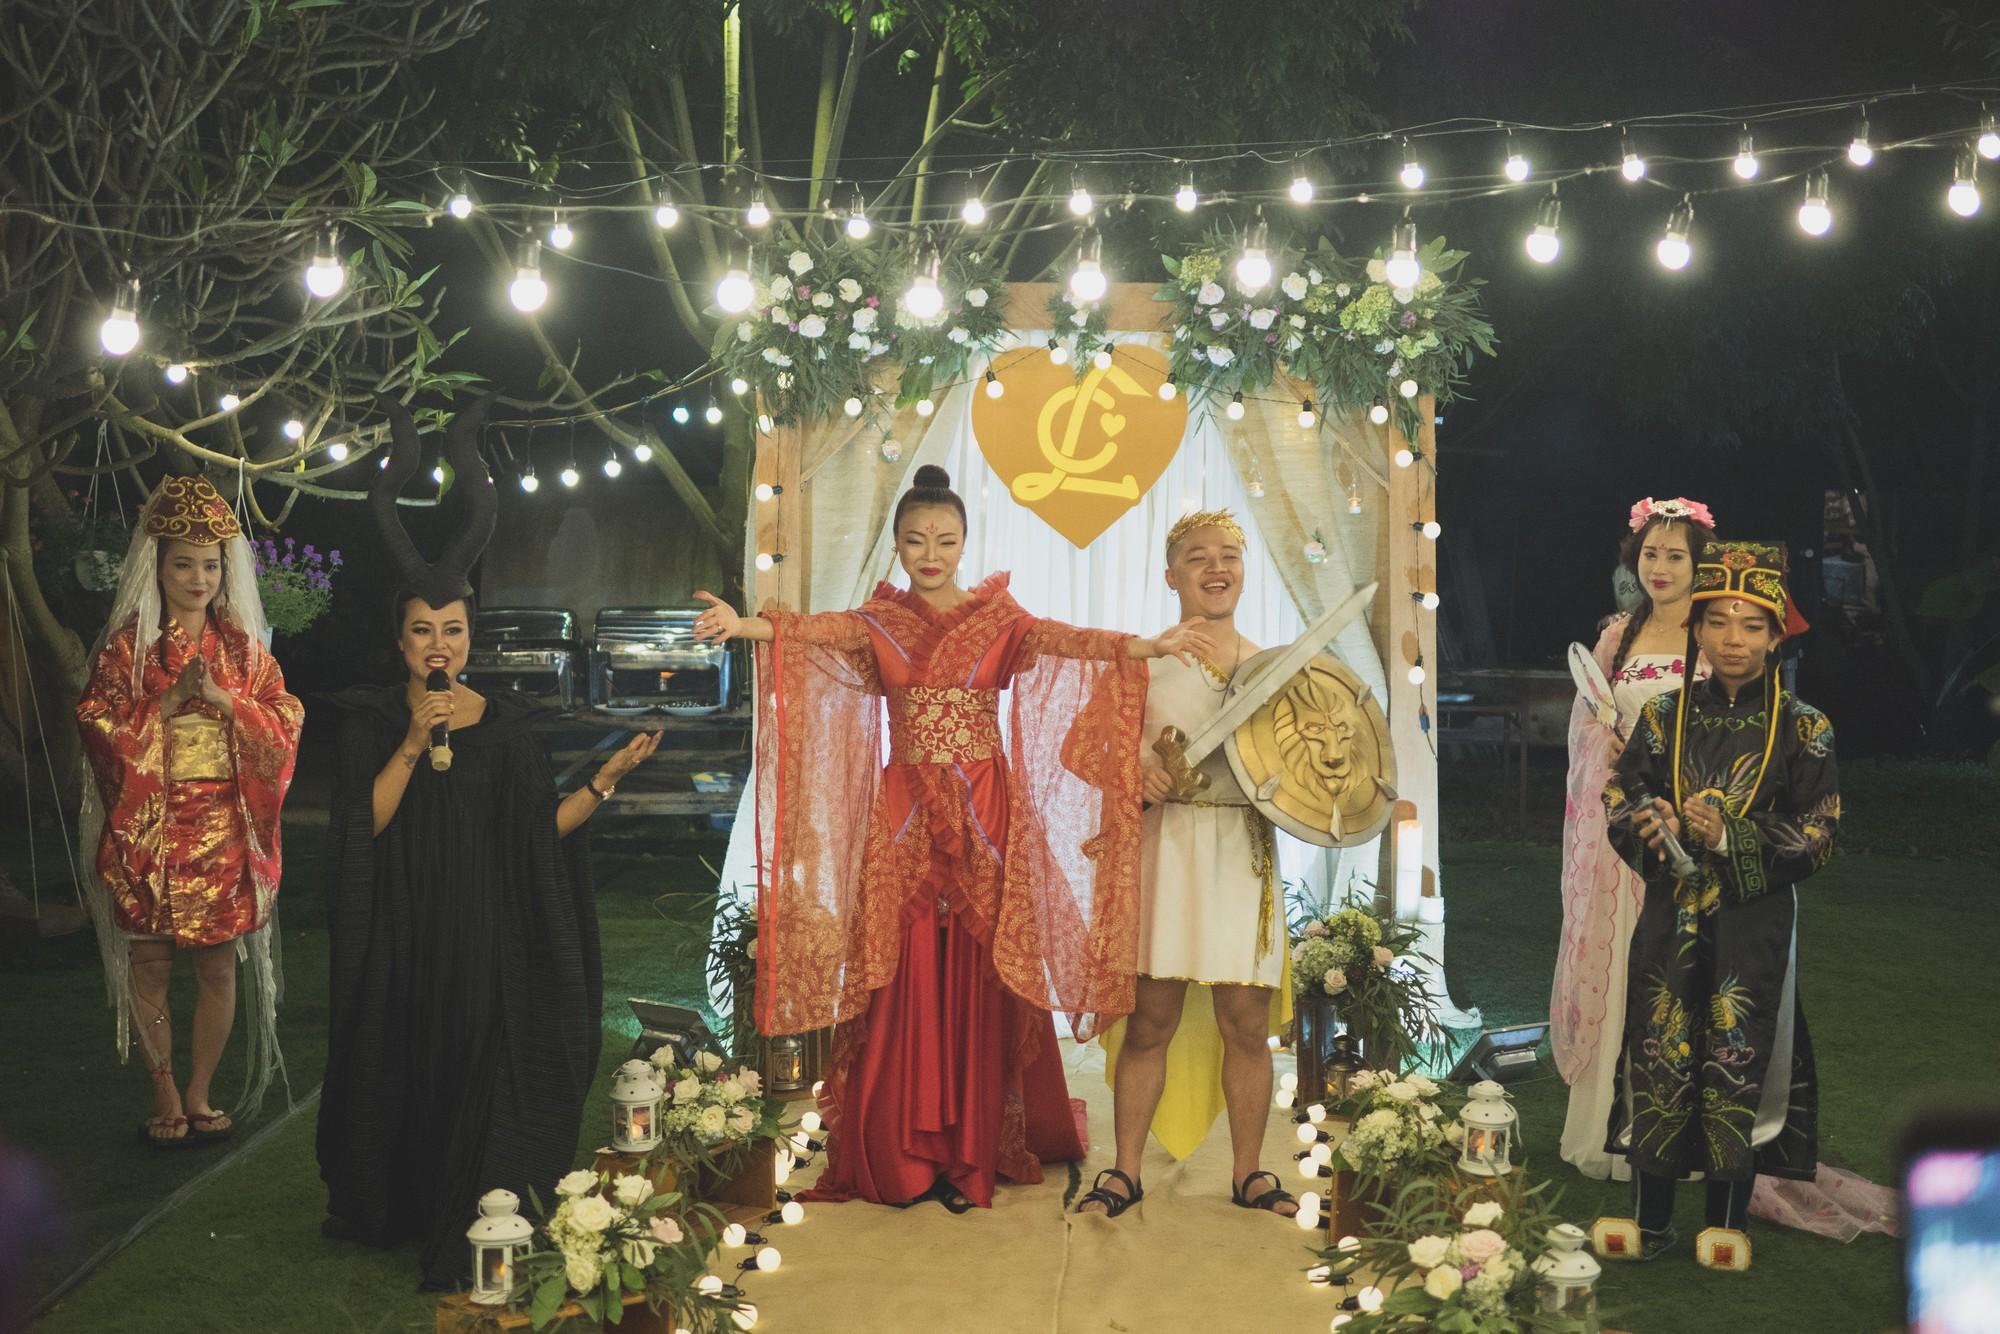 Đám cưới phong cách lẩu thập cẩm: Cô dâu hóa Võ Tắc Thiên, chú rể cosplay thần Hy Lạp - Ảnh 1.